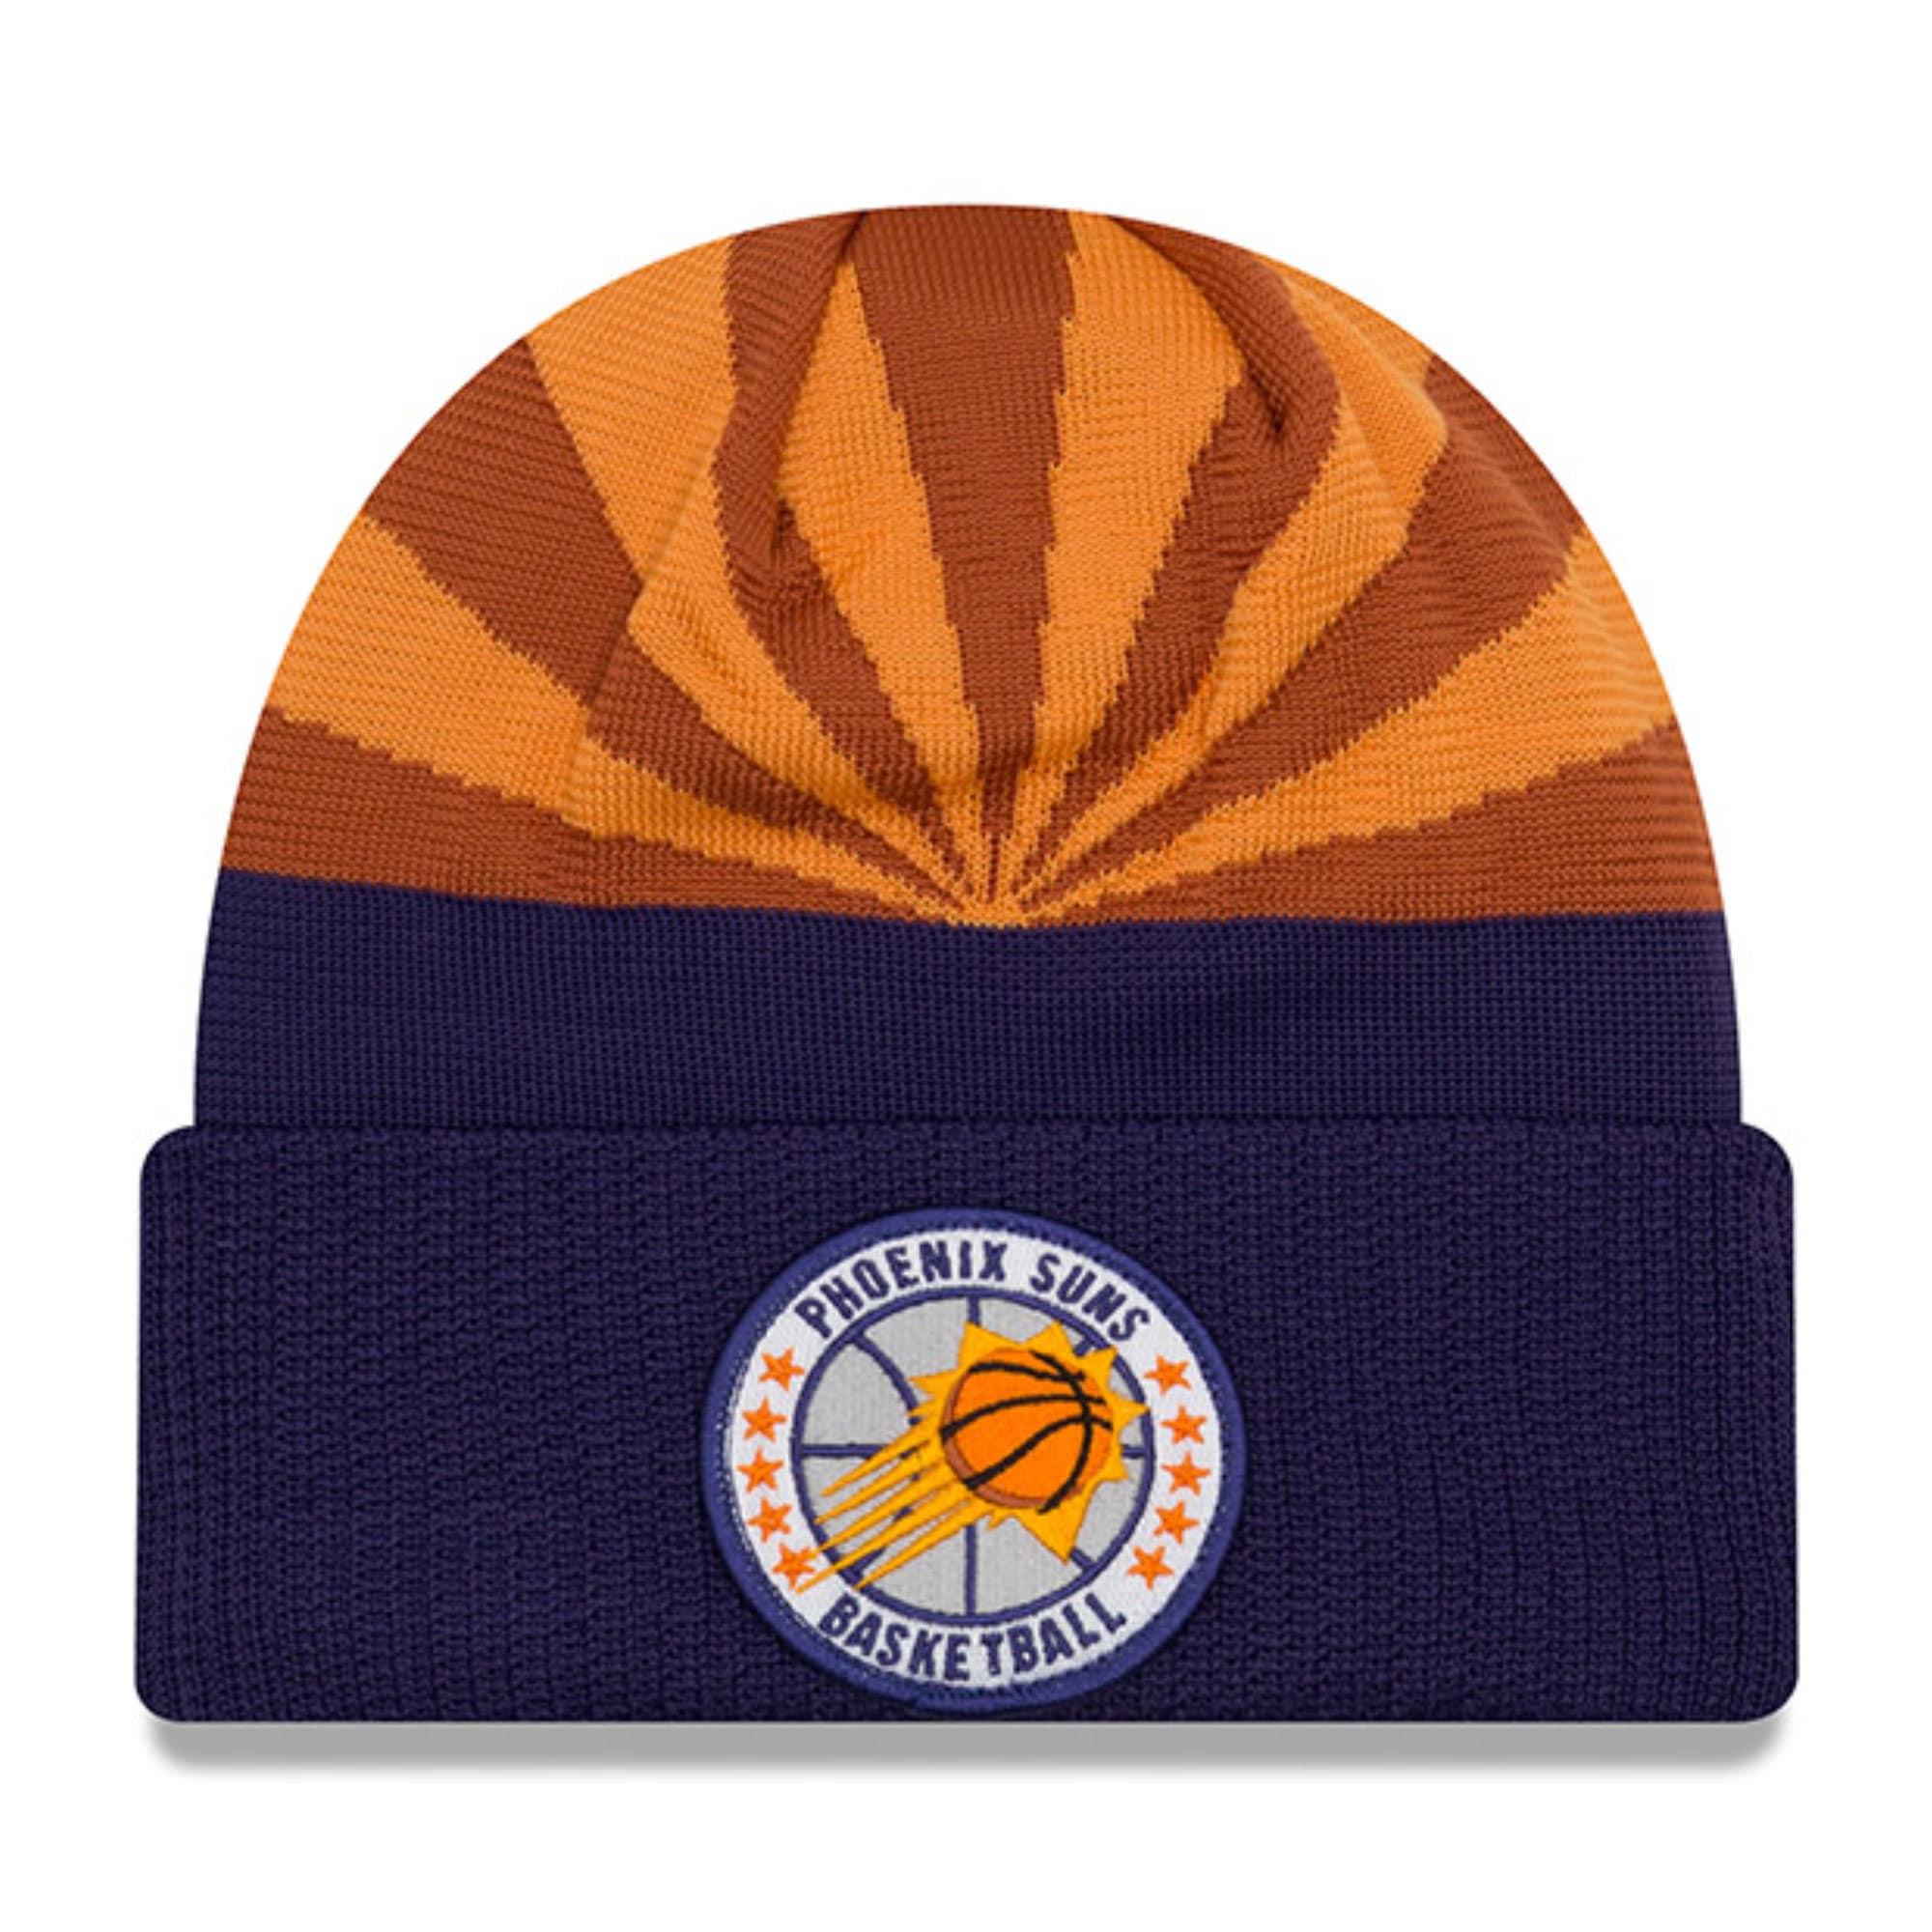 Phoenix Suns New Era 2018 Tip Off Series Cuffed Knit Hat - Orange